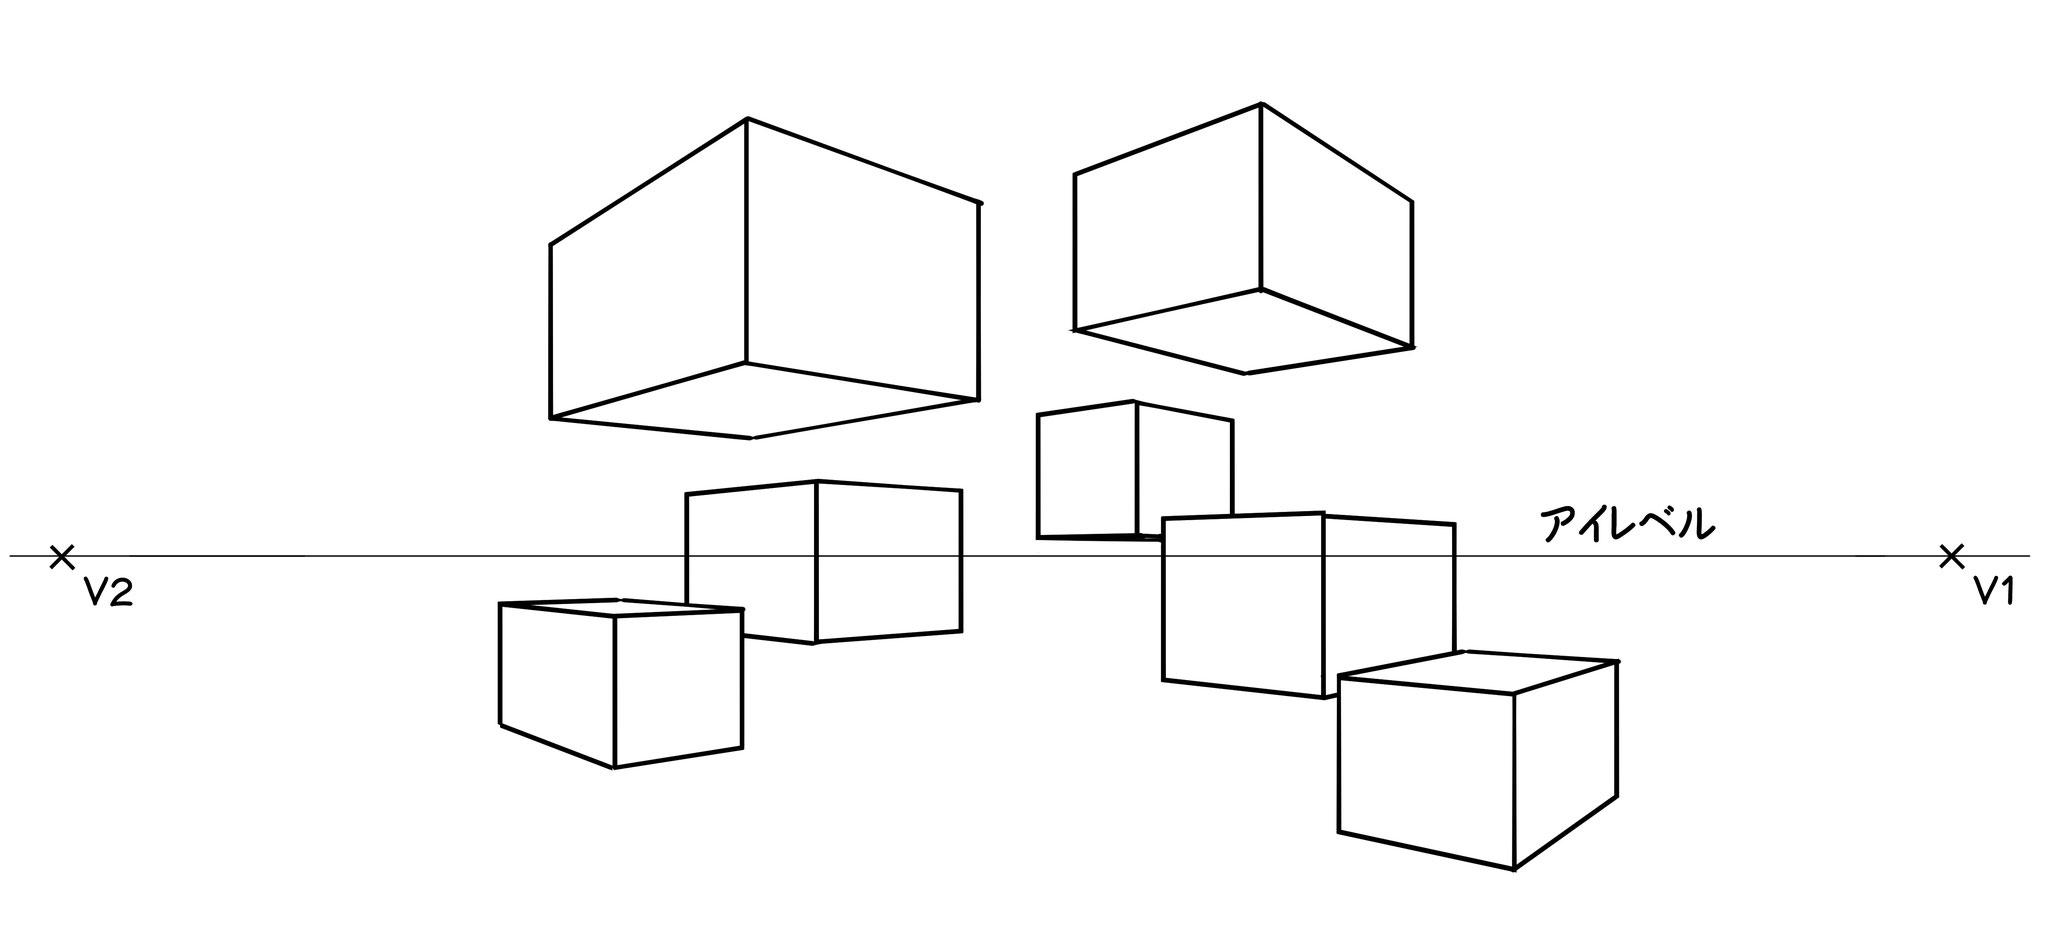 ⑦さらに、いくつかの直方体を描き入れて練習してください